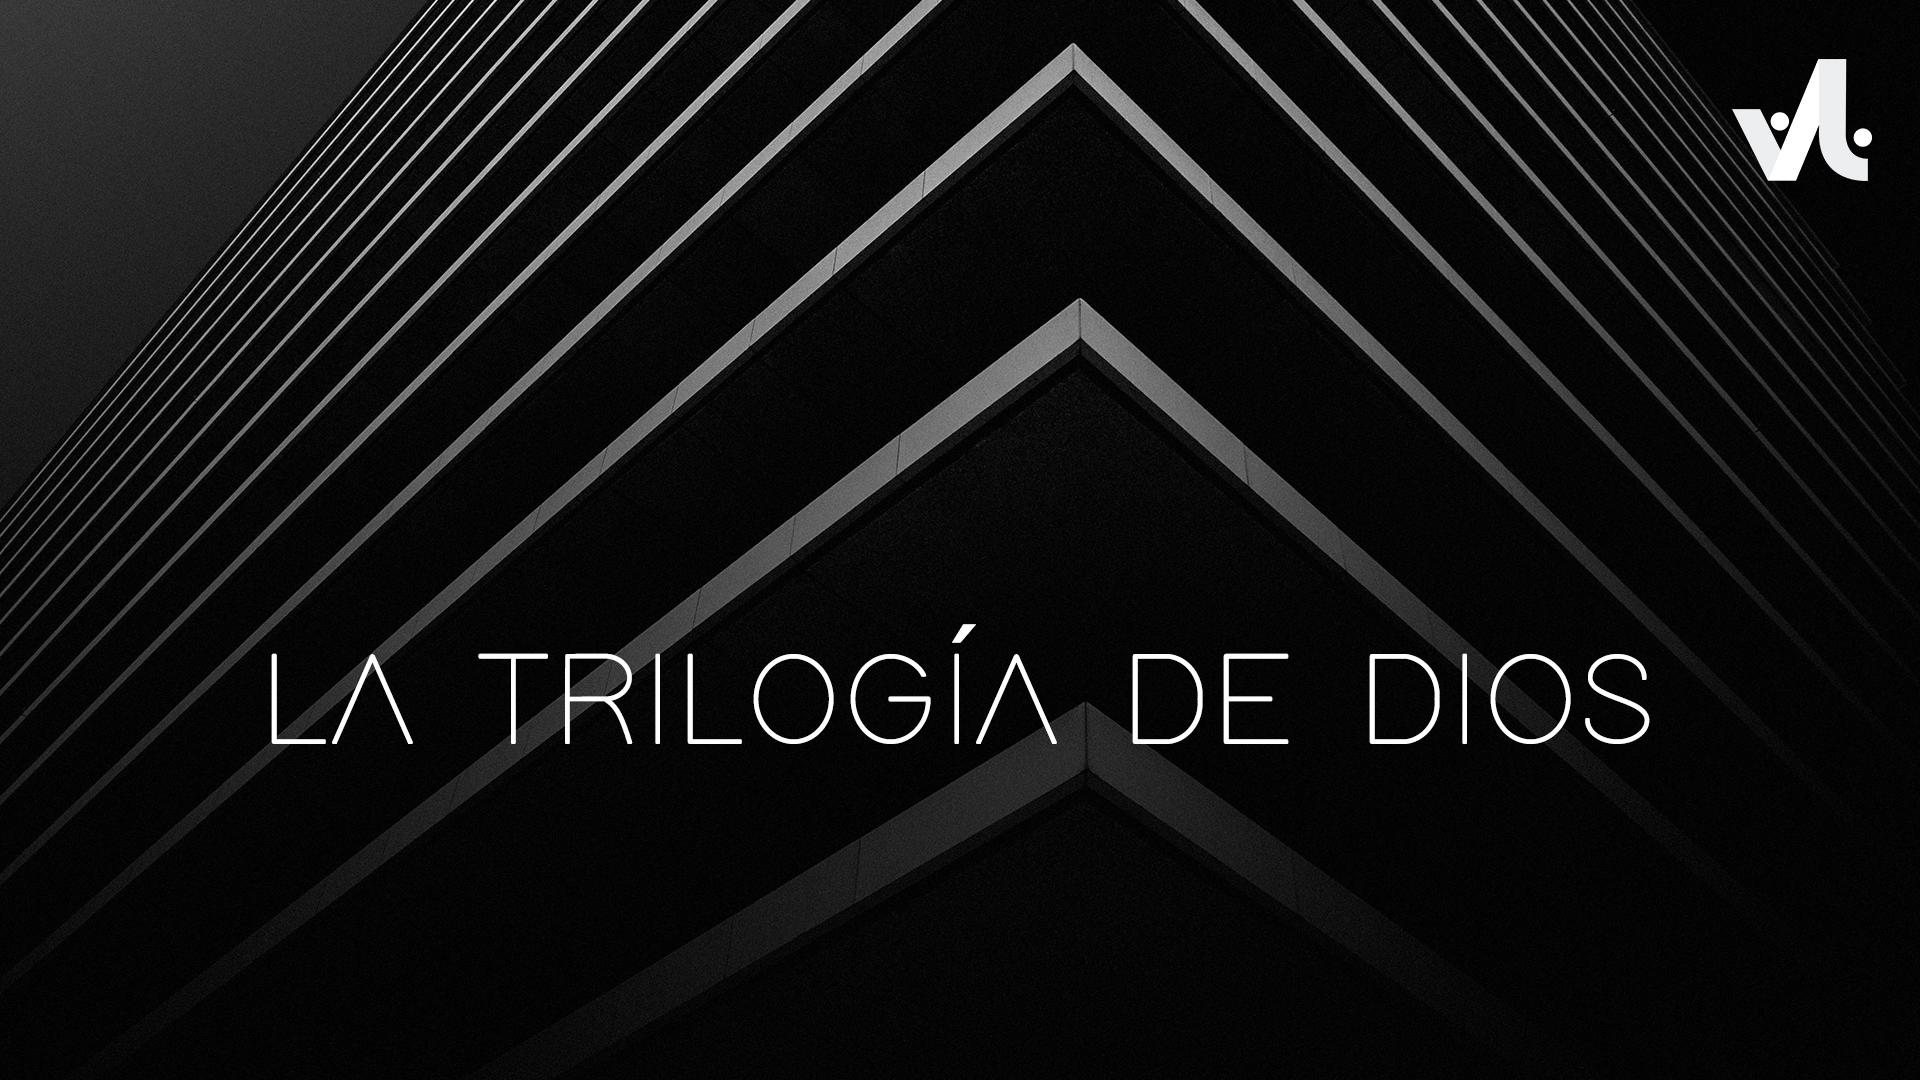 La Trilogía de Dios